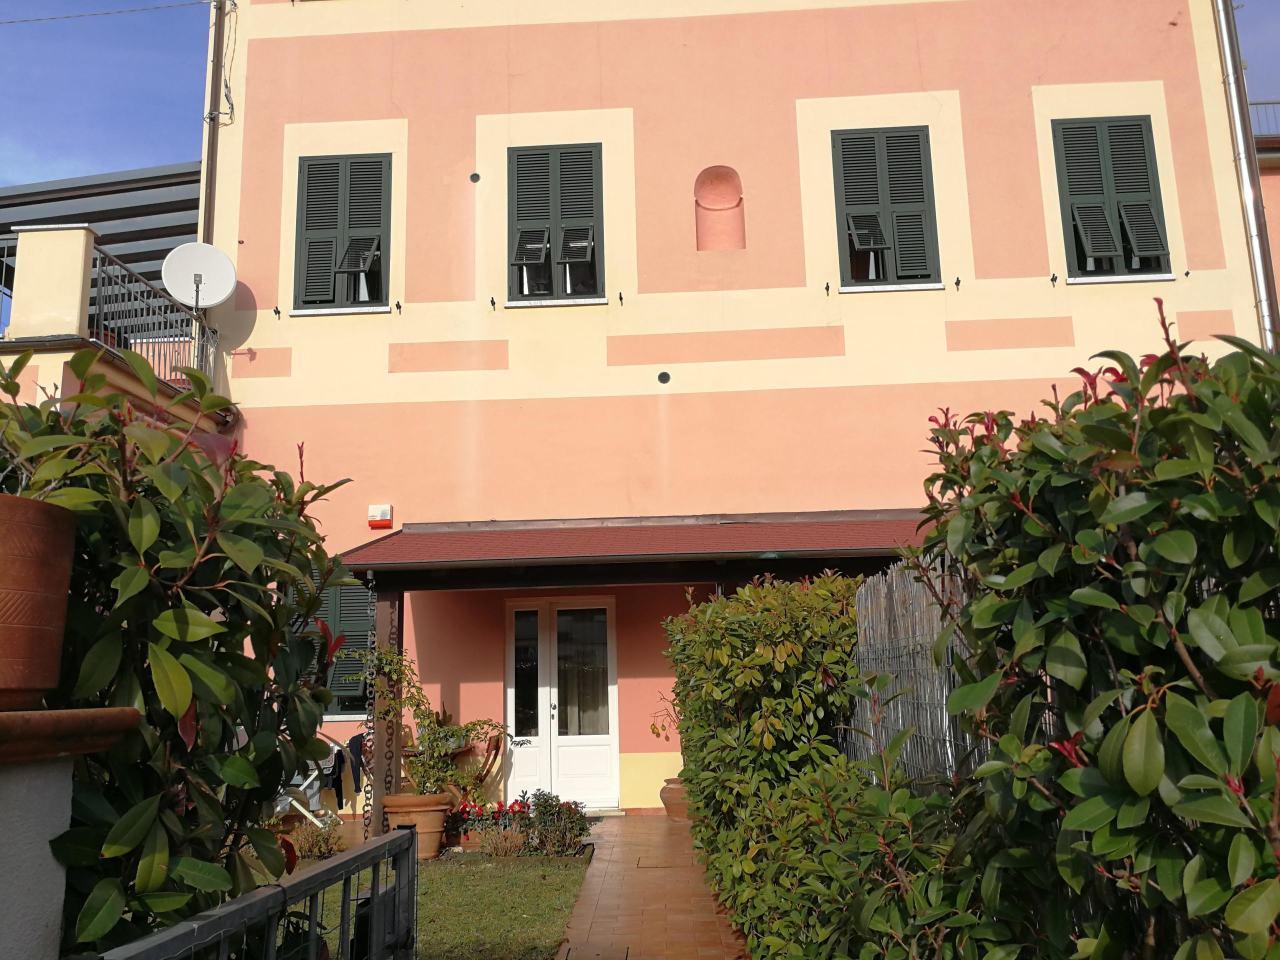 Semindipendente - Casa a schiera a Sarzana